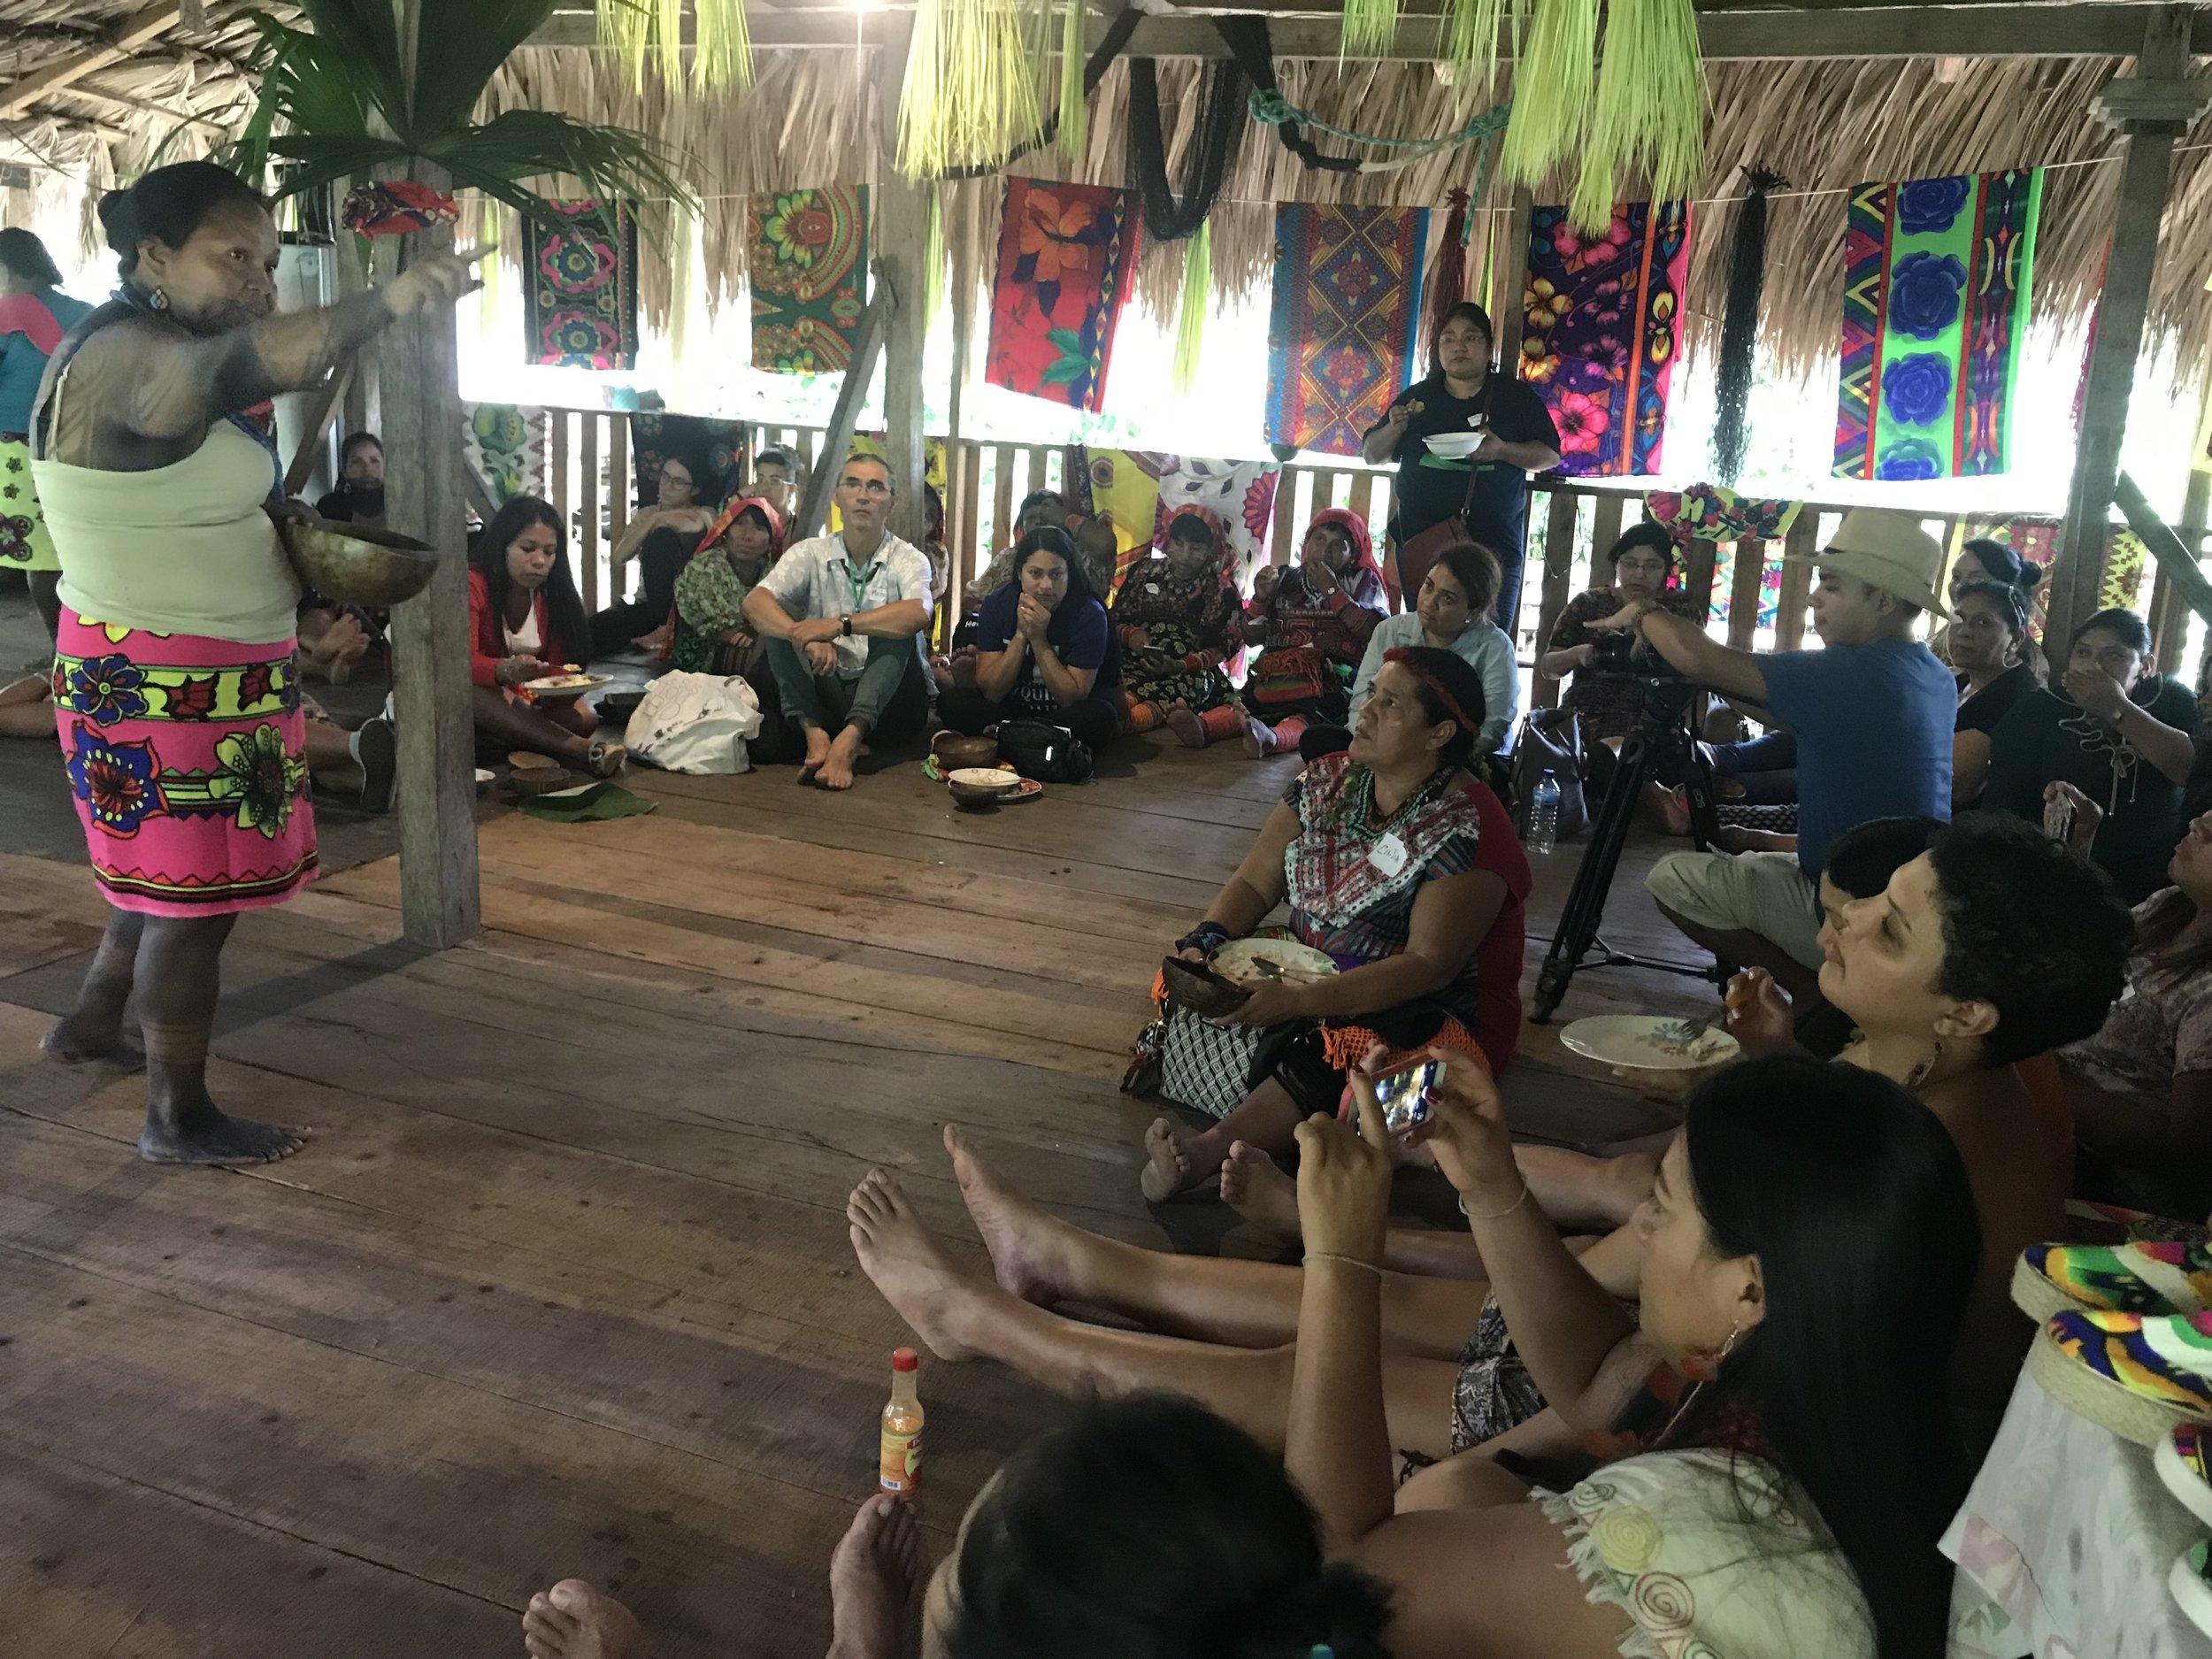 En la última década, las mujeres tuvieron un rol activo en el fortalecimiento de las organizaciones políticas y sociales indígenas